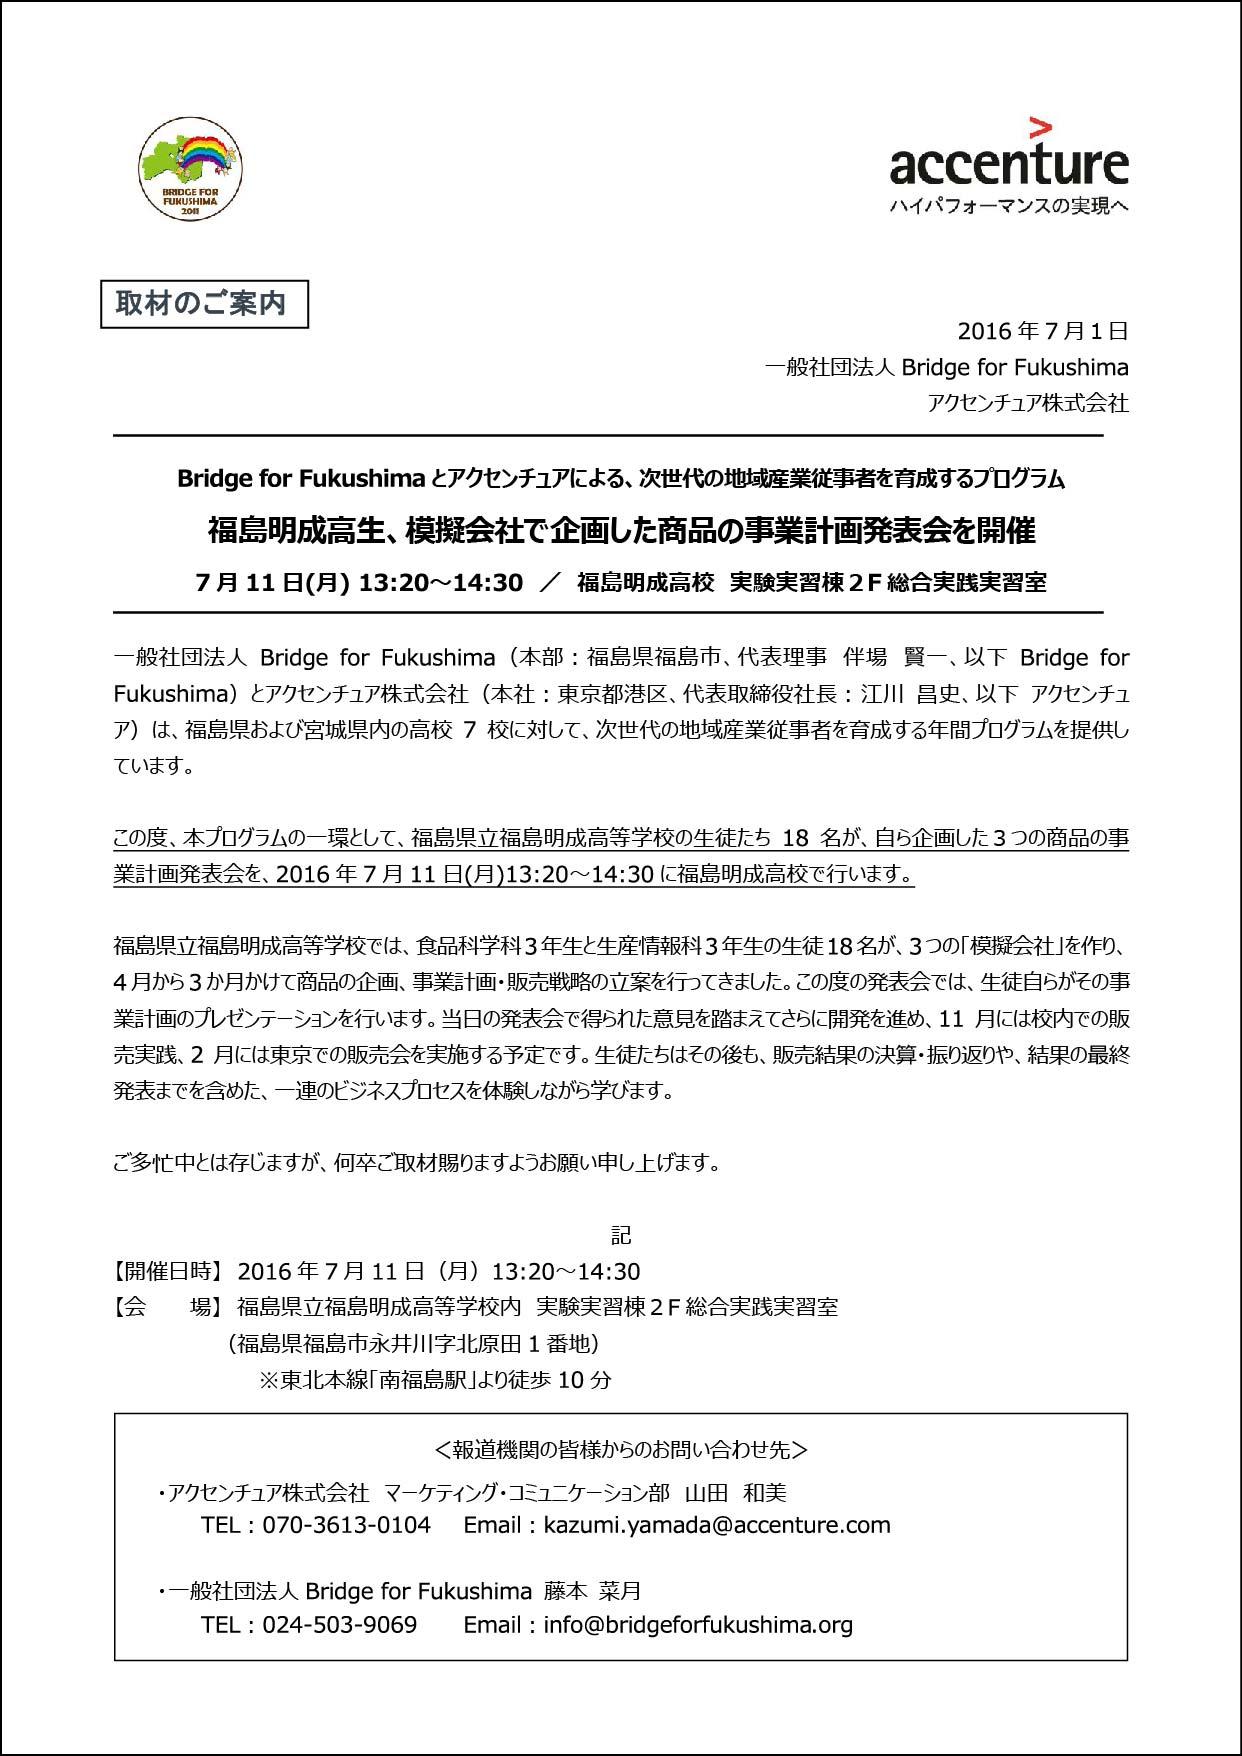 最終【取材案内】福島明成計画発表会_BFF_MCOMCLEAN (3)MCOM